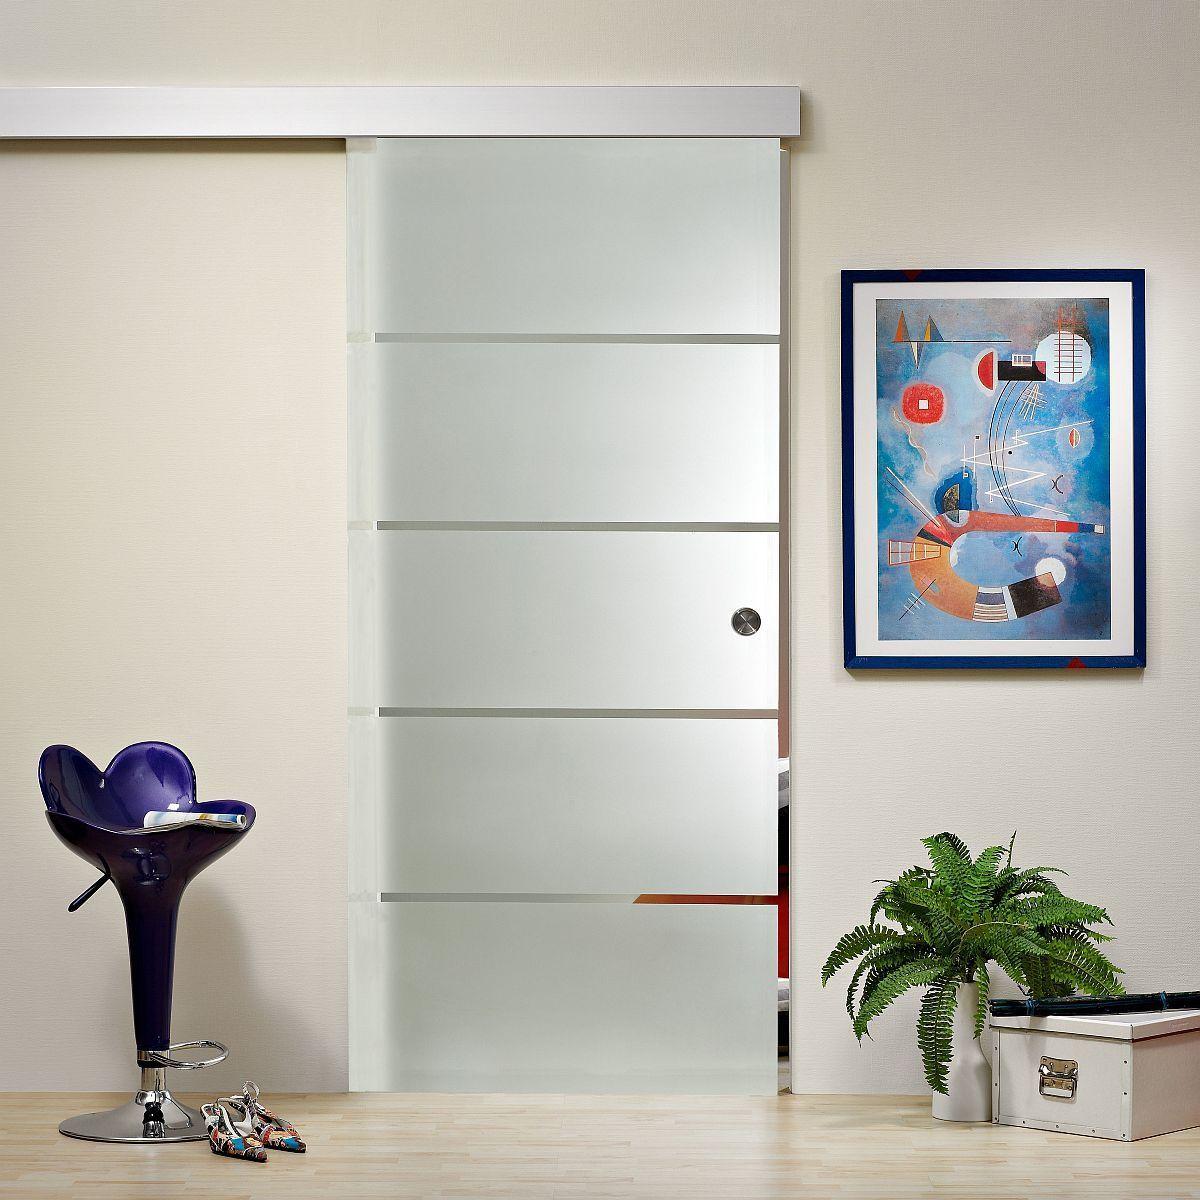 glasschiebet r schiebet r mit griffmuschel s784 ebay. Black Bedroom Furniture Sets. Home Design Ideas